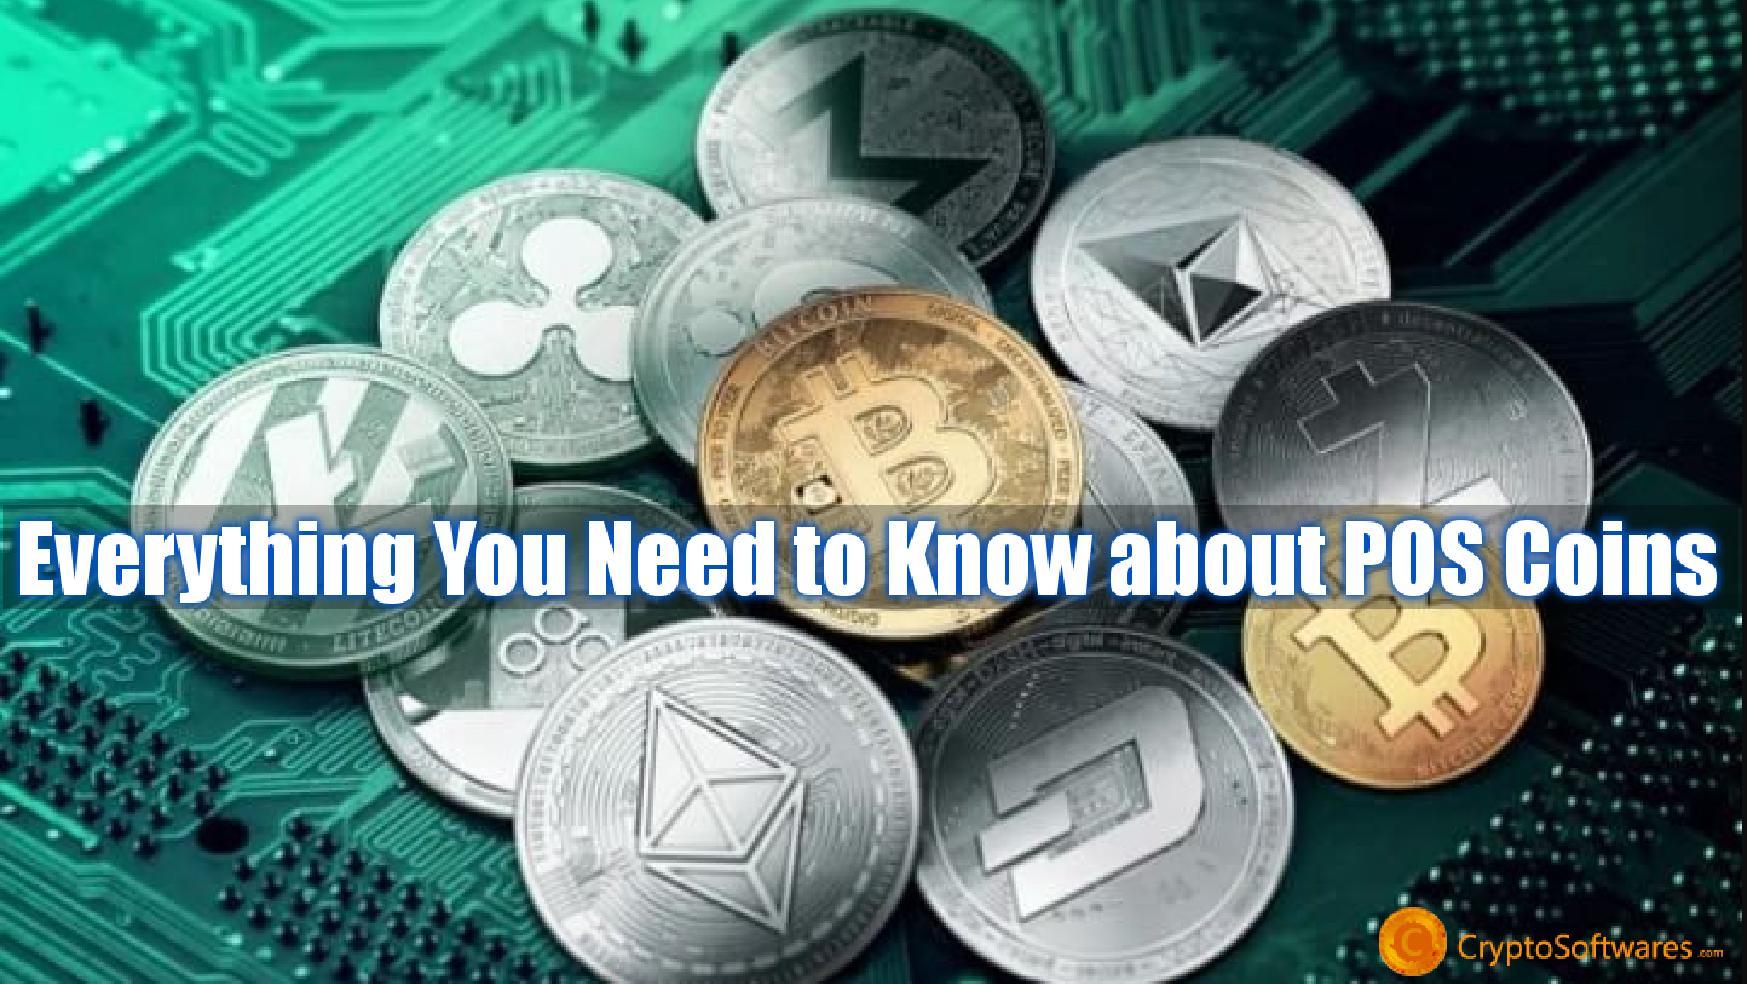 POS Coins